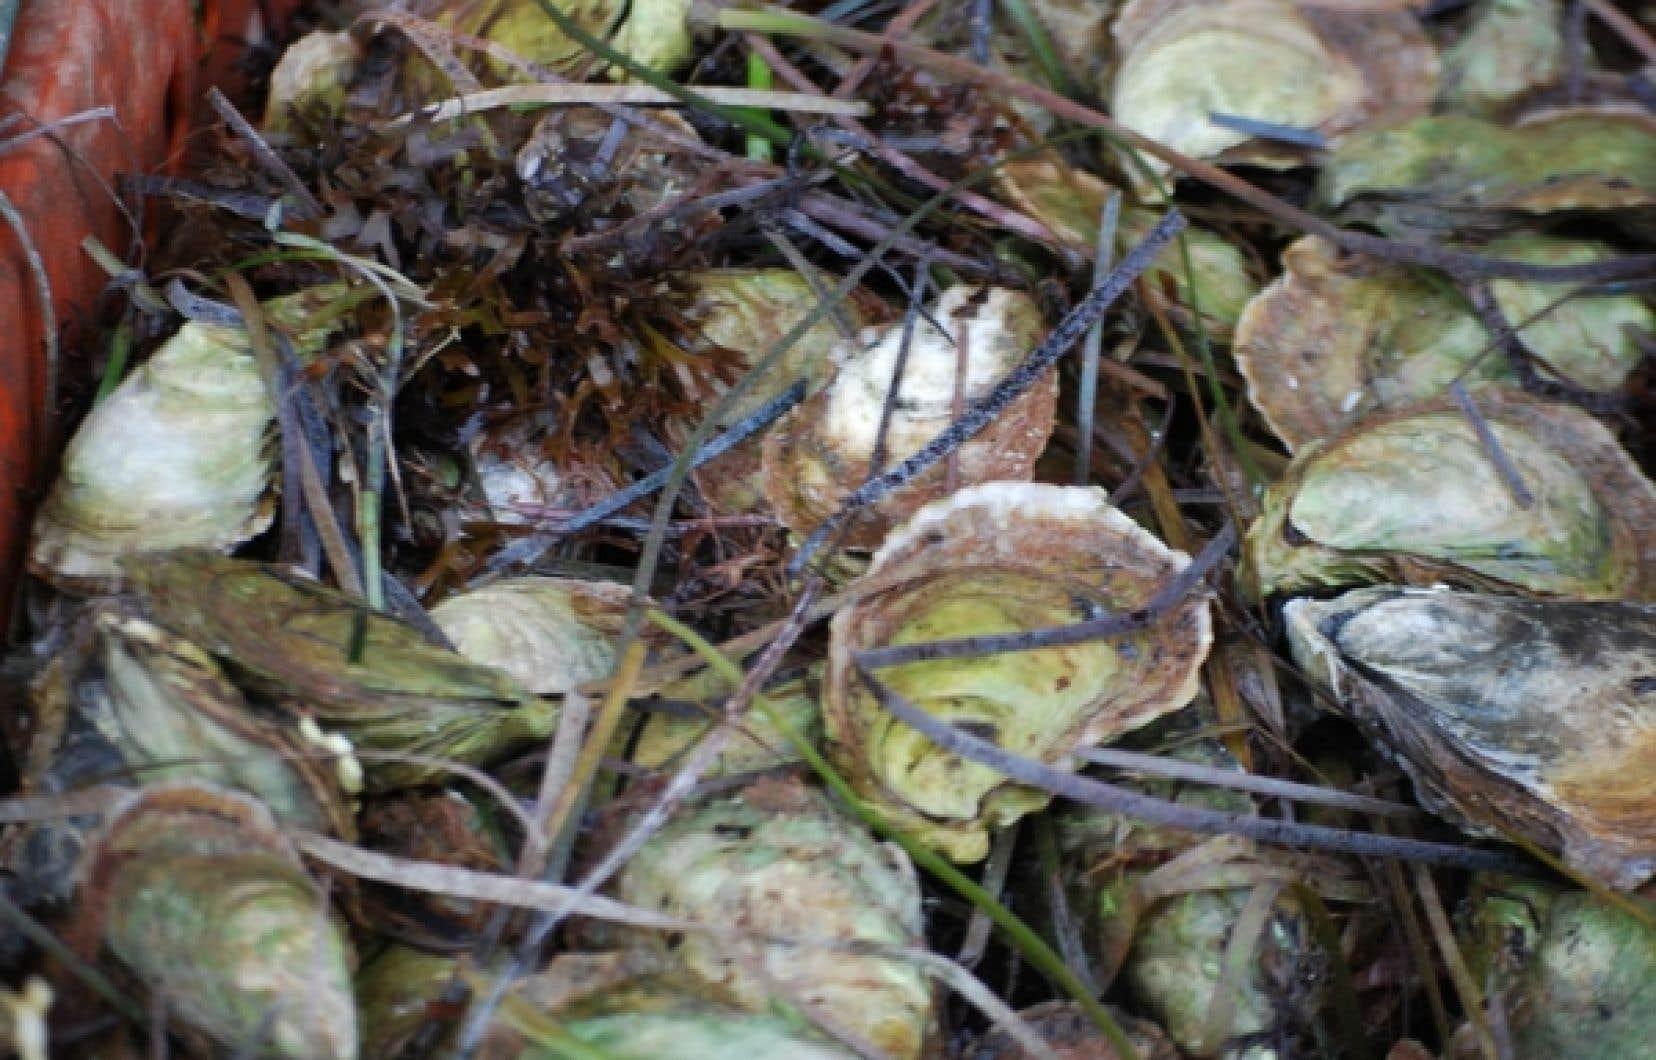 Les huîtres de la baie de Colville sont particulièrement goûteuses. Elles sont cultivées en eau claire et ramassées de façon traditionnelle, au râteau.<br />